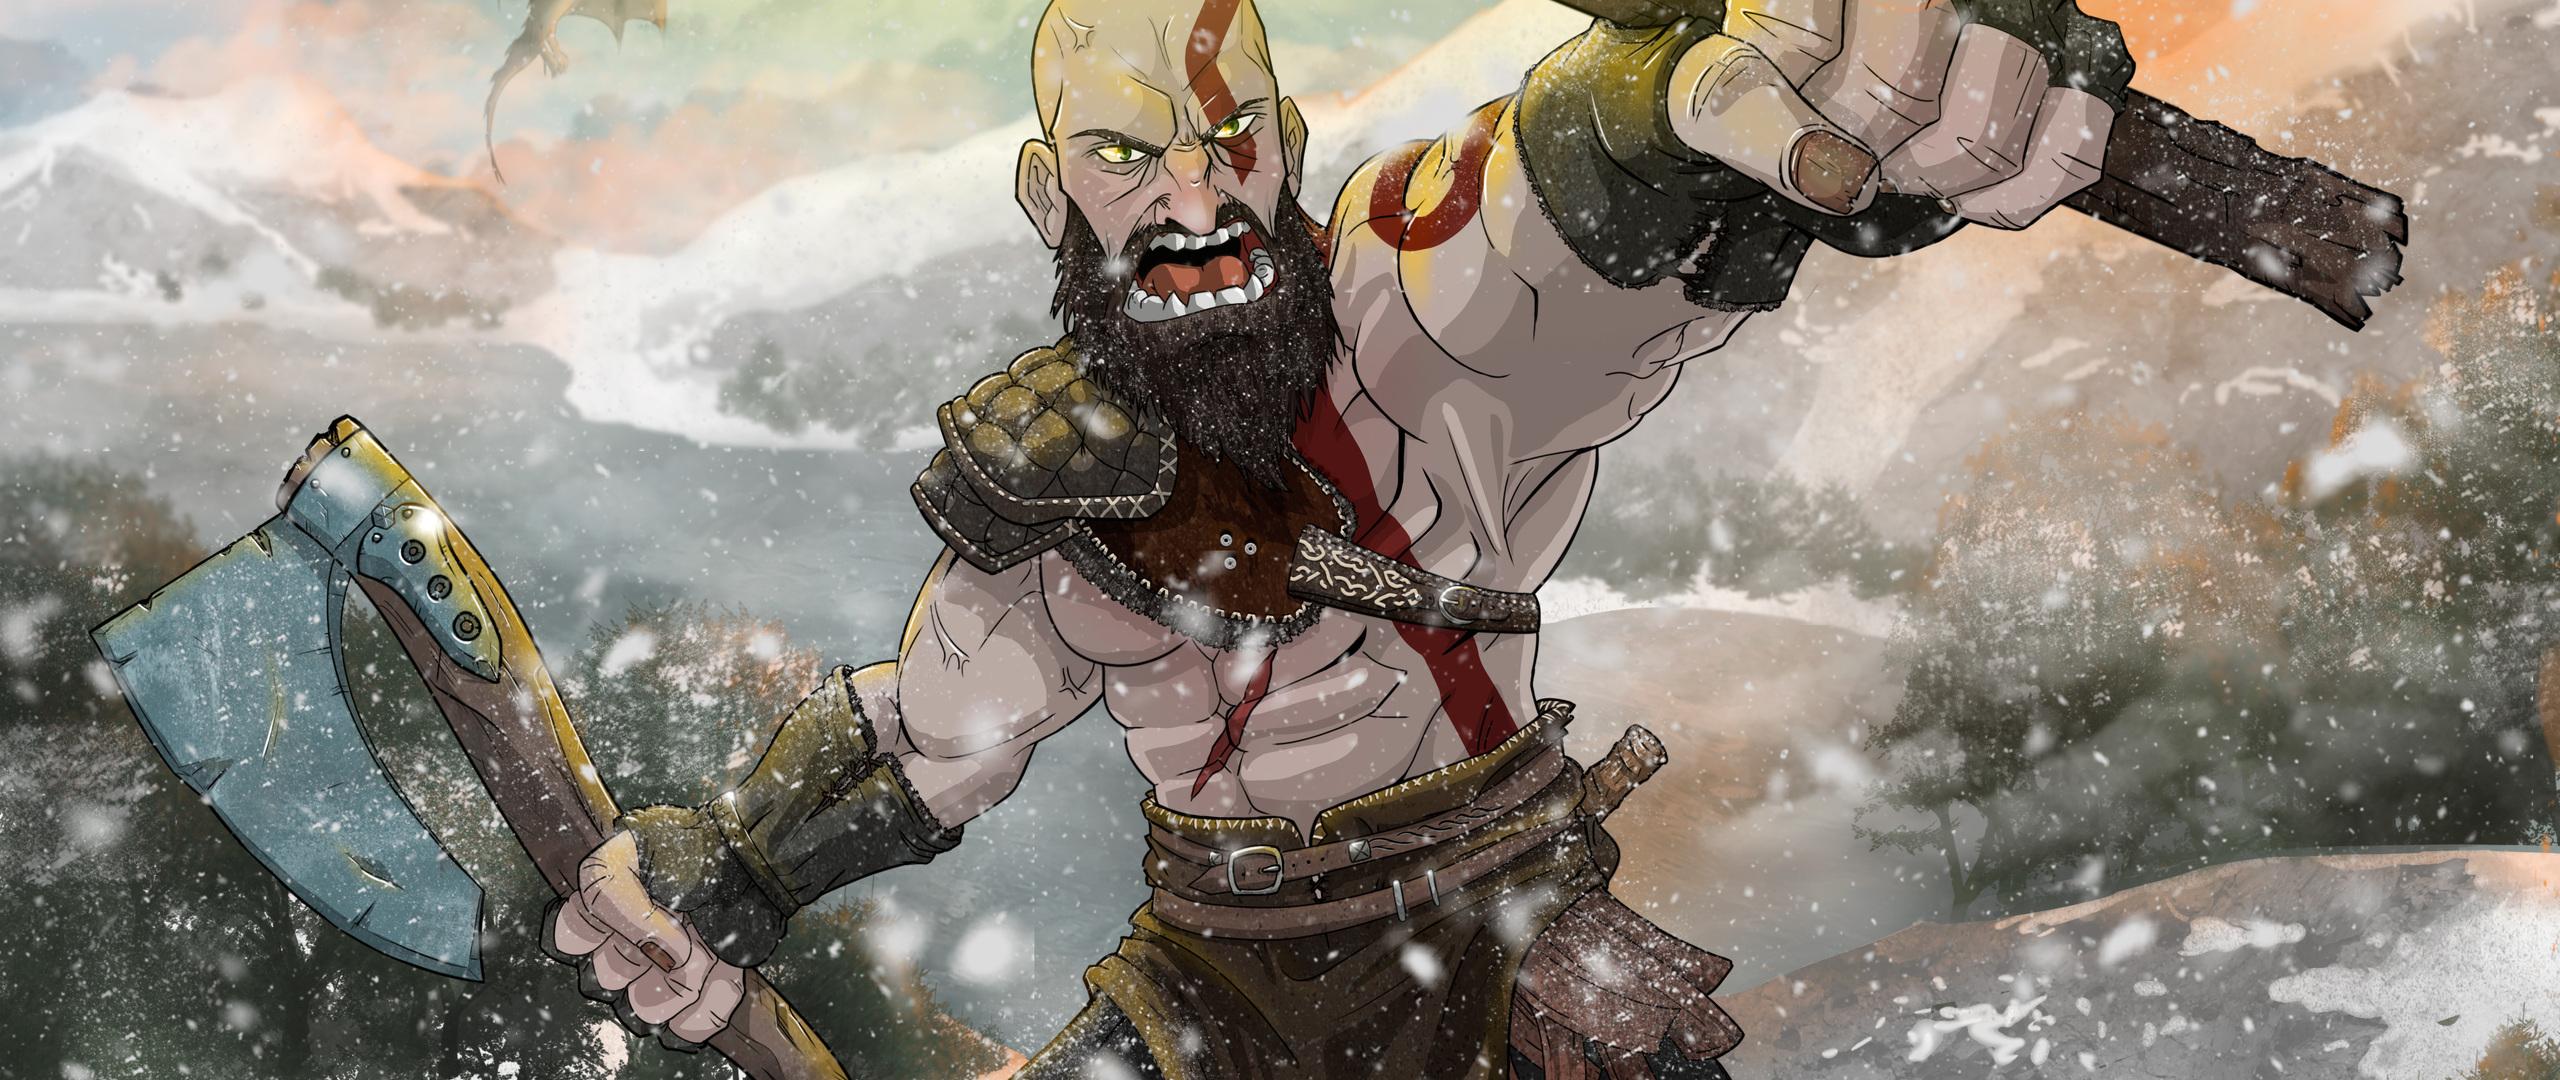 kratos-god-of-war-fan-art-4k-em.jpg